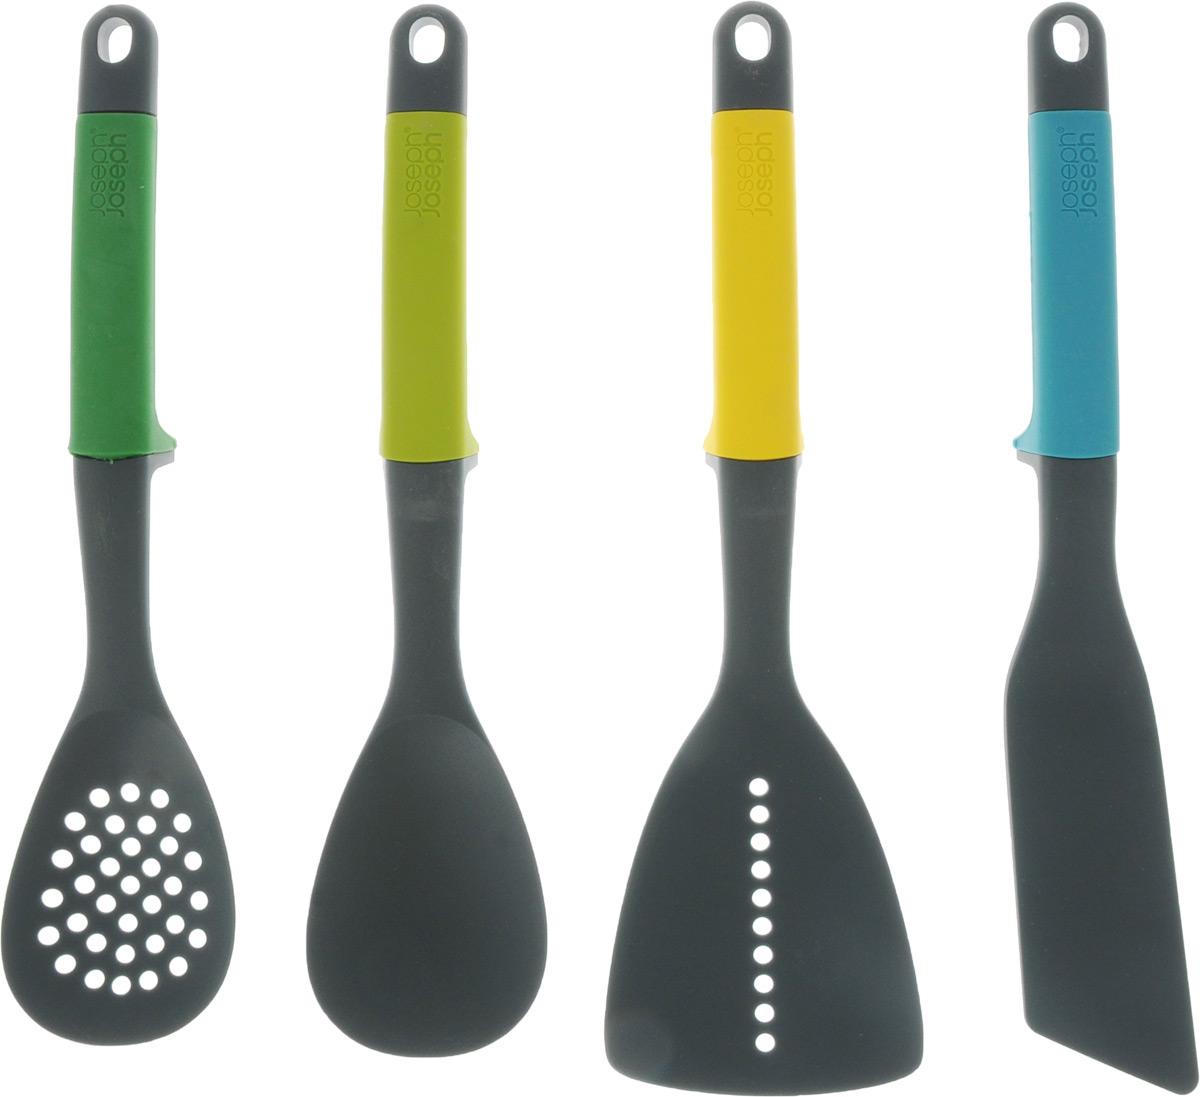 Набор кухонных предметов Joseph Joseph Elevate, 4 шт115610Набор кухонных приборов Joseph Joseph Elevate поможет в приготовлении ваших любимых блюд. В наборе: ложка, ложка для спагетти, ложка с прорезью, лопатка и лопатка-шумовка. Эргономичные цветные рукоятки дополнены отверстиями для подвешивания. Яркий набор станет оригинальным украшением кухонного интерьера.Можно мыть в посудомоечной машине. Приборы безопасны для посуды с антипригарным и тефлоновым покрытием. Длина приборов: 30,5 см.